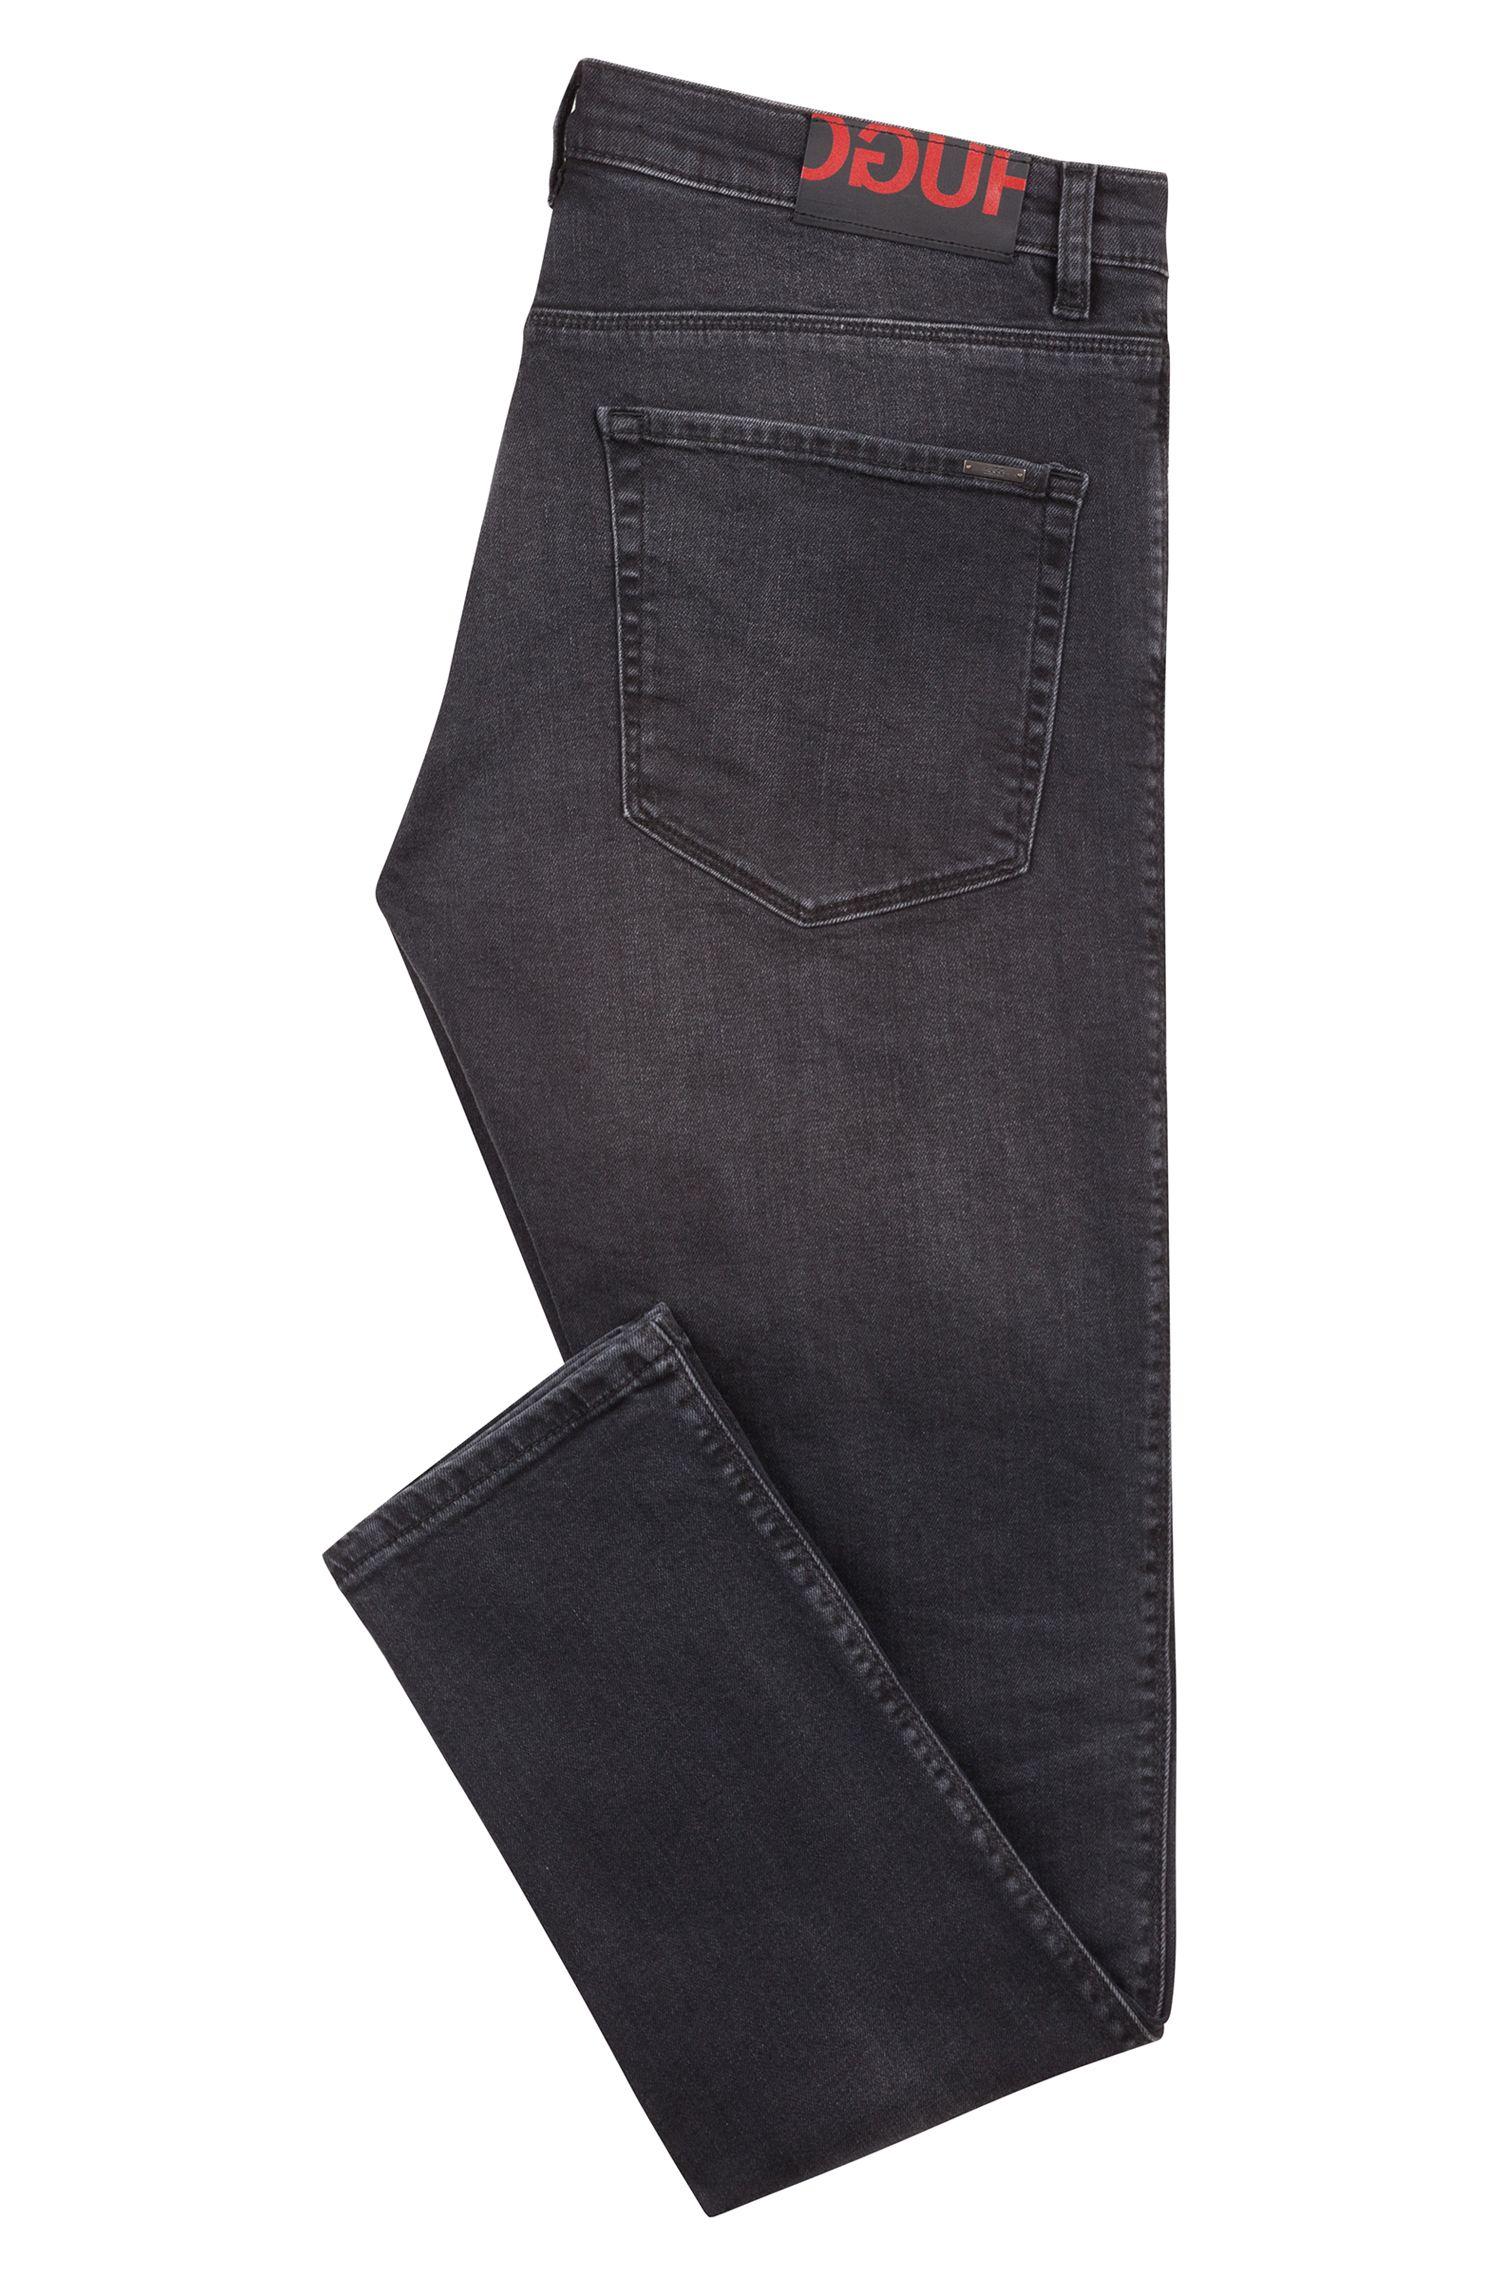 Skinny-Fit Jeans aus Stretch-Denim mit Logo-Patch, Dunkelgrau